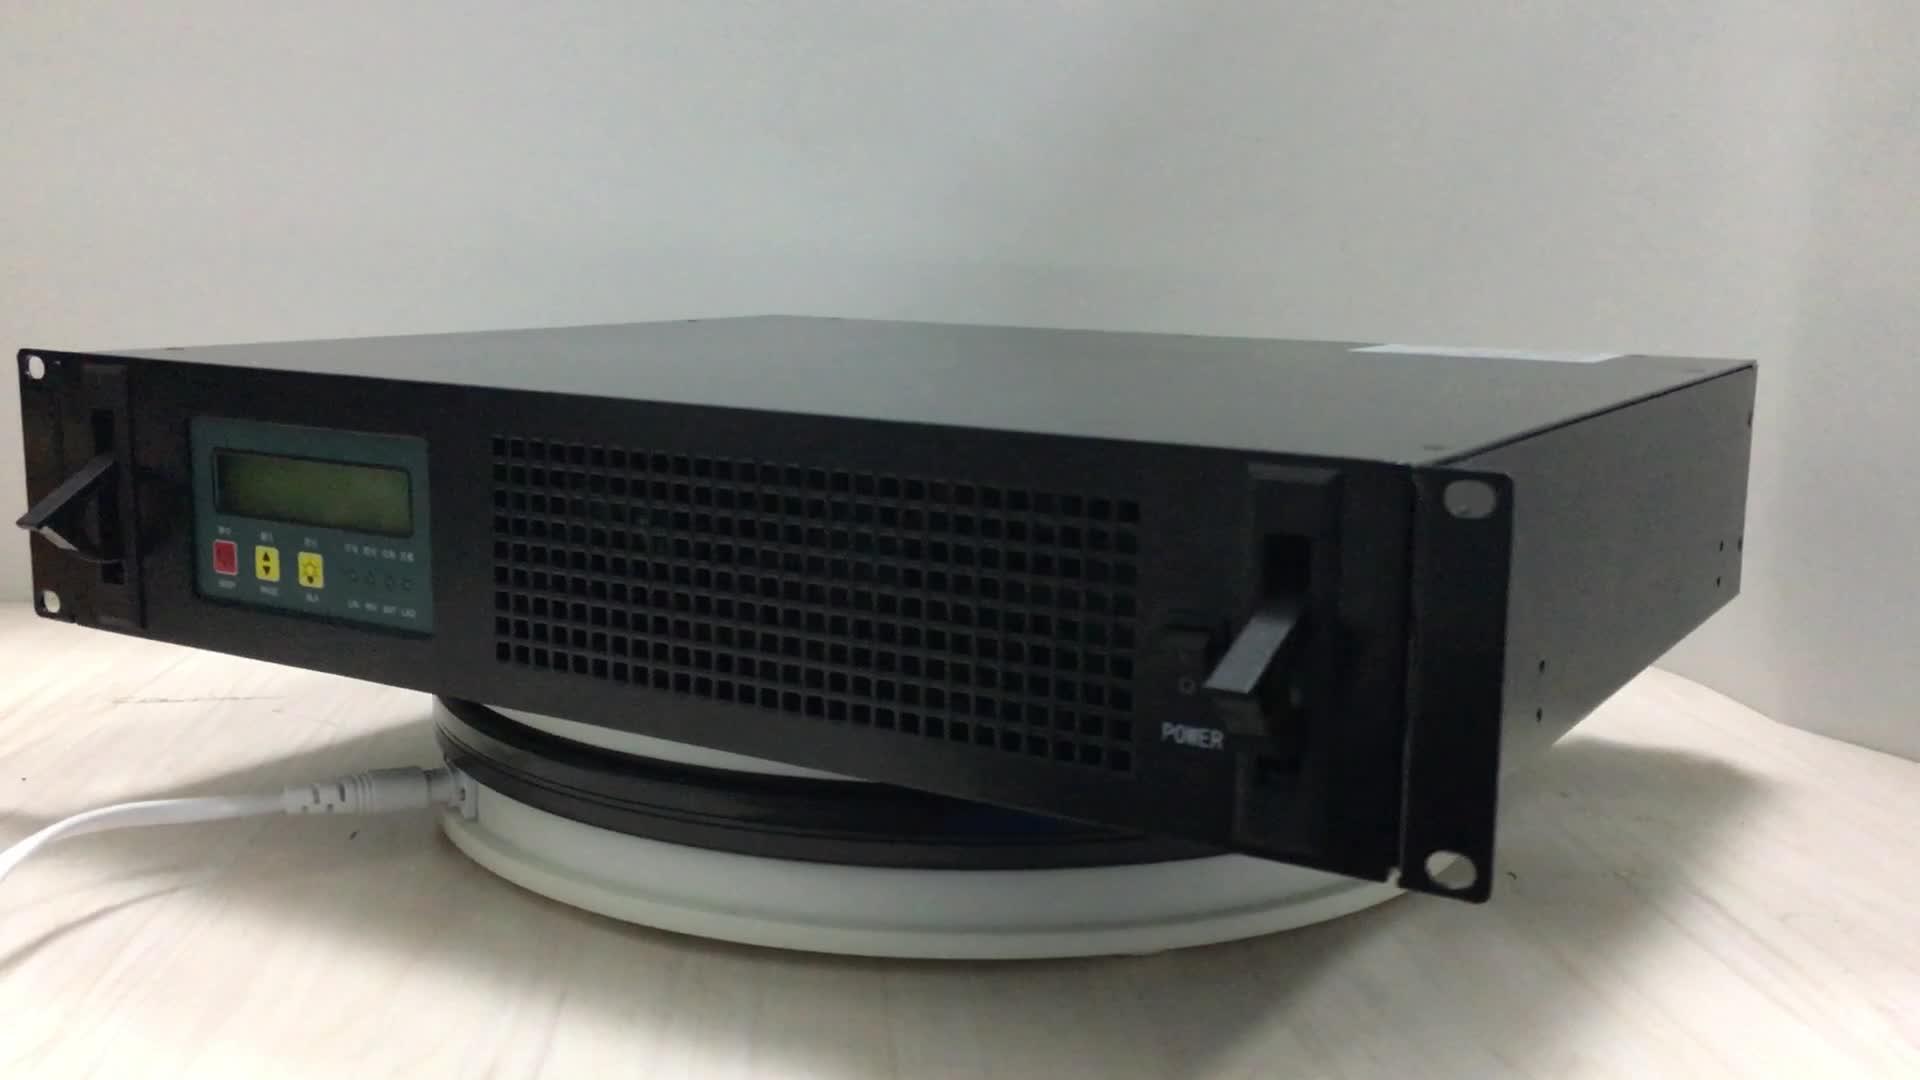 संदर्भ डीएसपी प्रौद्योगिकी 125v डीसी एसी शक्ति औंधा के लिए 2kva संचार कमरे में इस्तेमाल किया